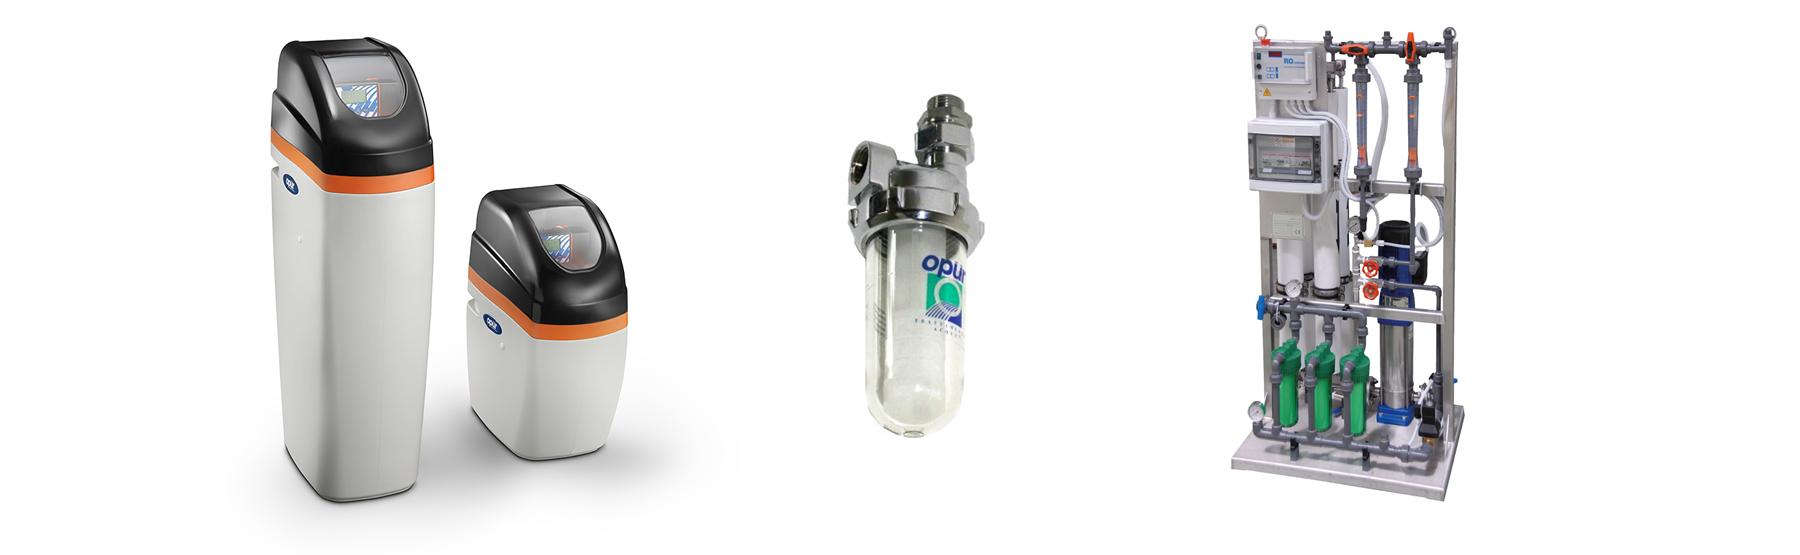 trattamento-acque-filtri